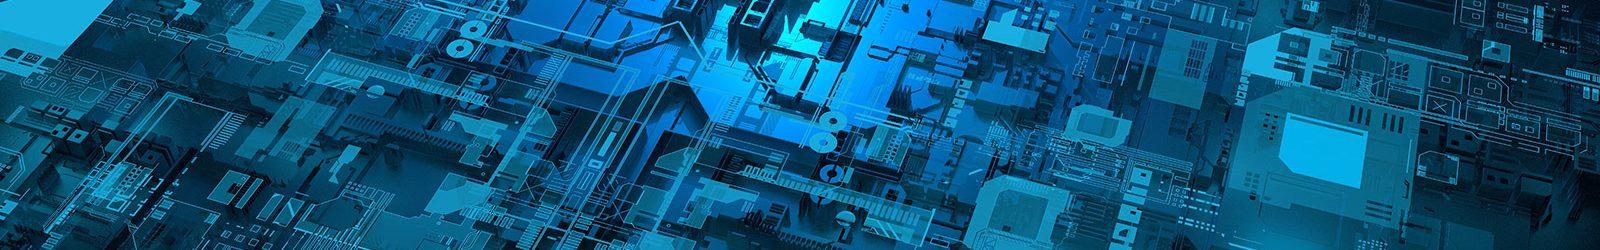 elektronik-01